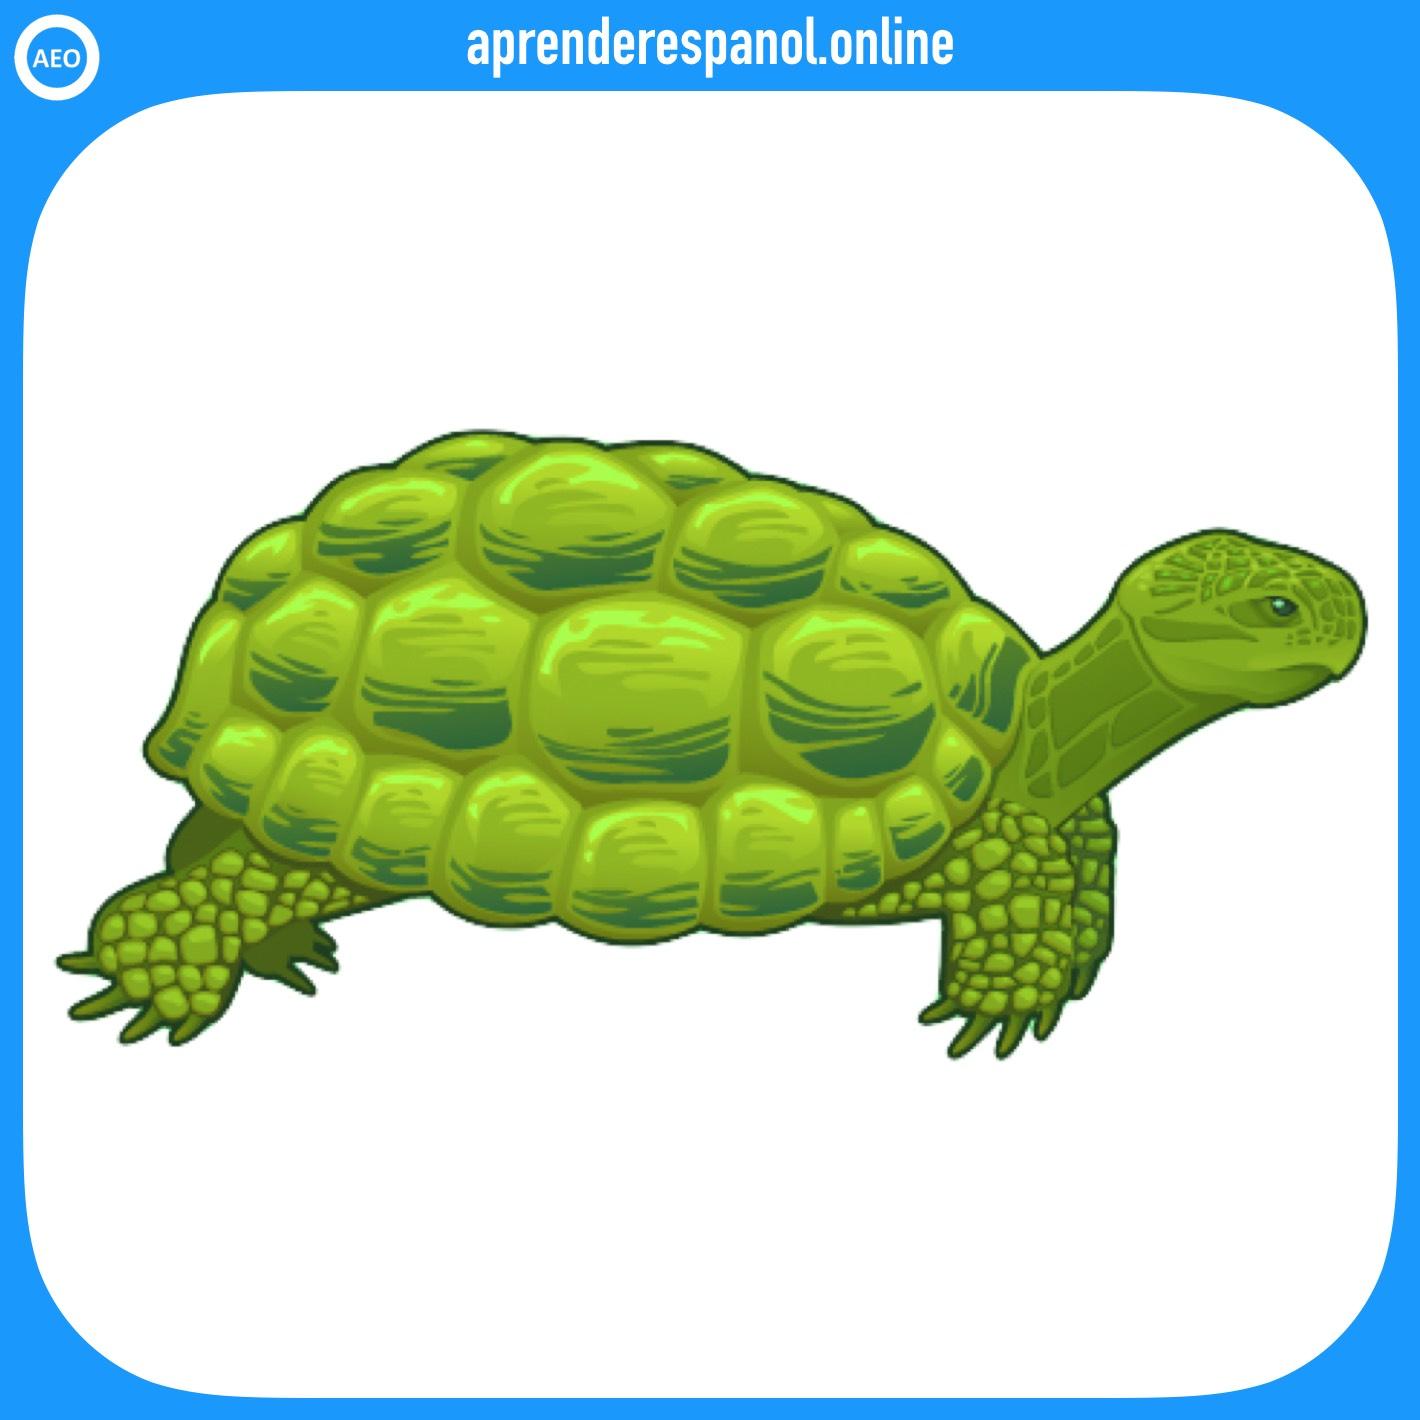 tortuga | animales en español | vocabulario de los animales en español